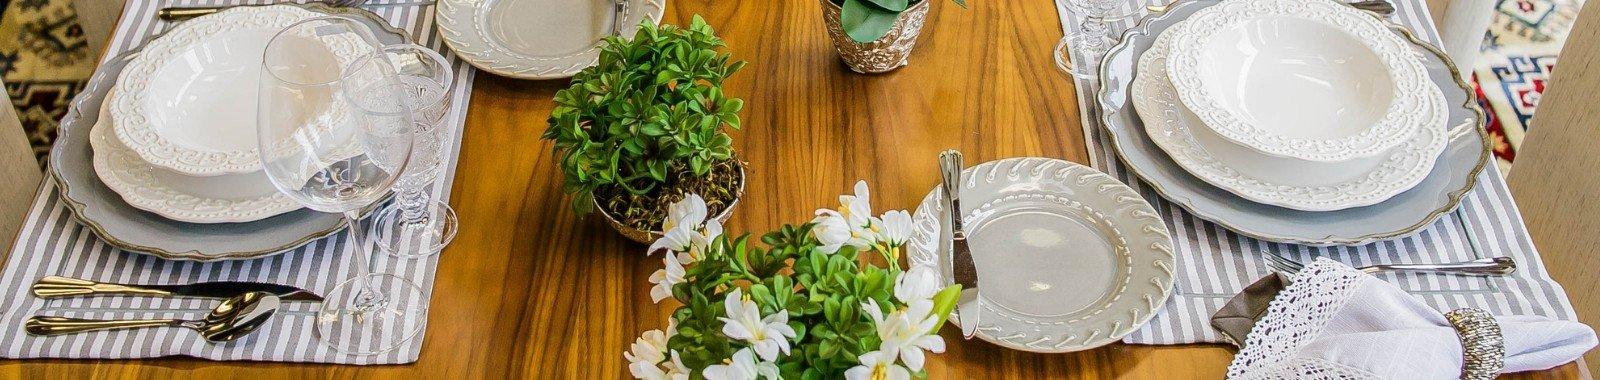 mesa clean casacafemel